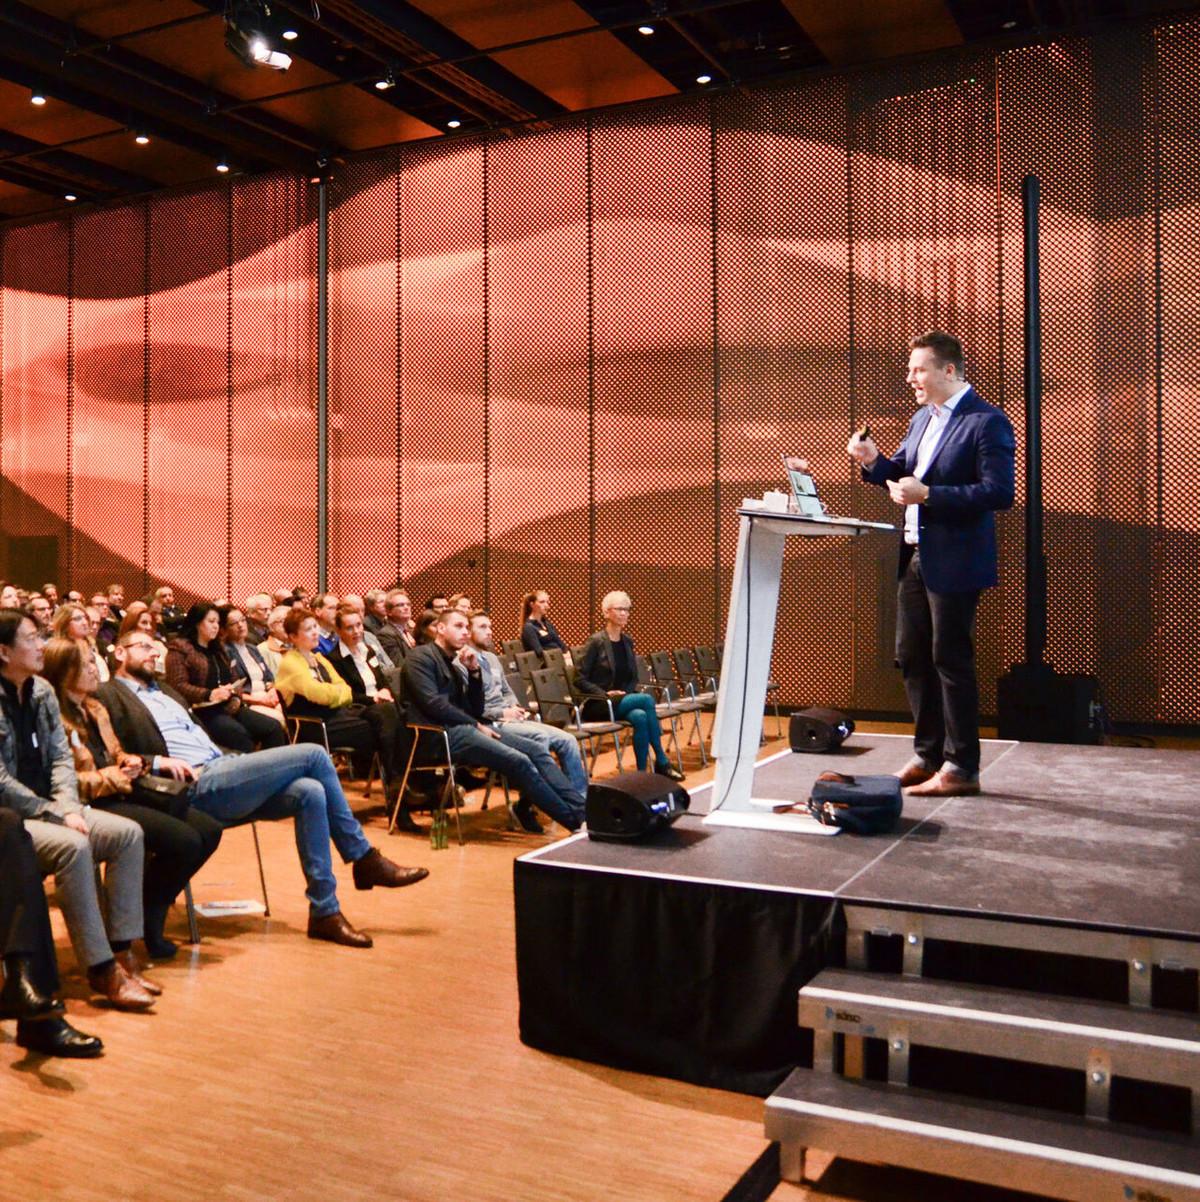 Konstanz-5-Unternehmerfruehstueck-2017-Bodenseeforum-04_Copyright_MTK-Marion-Baumeister